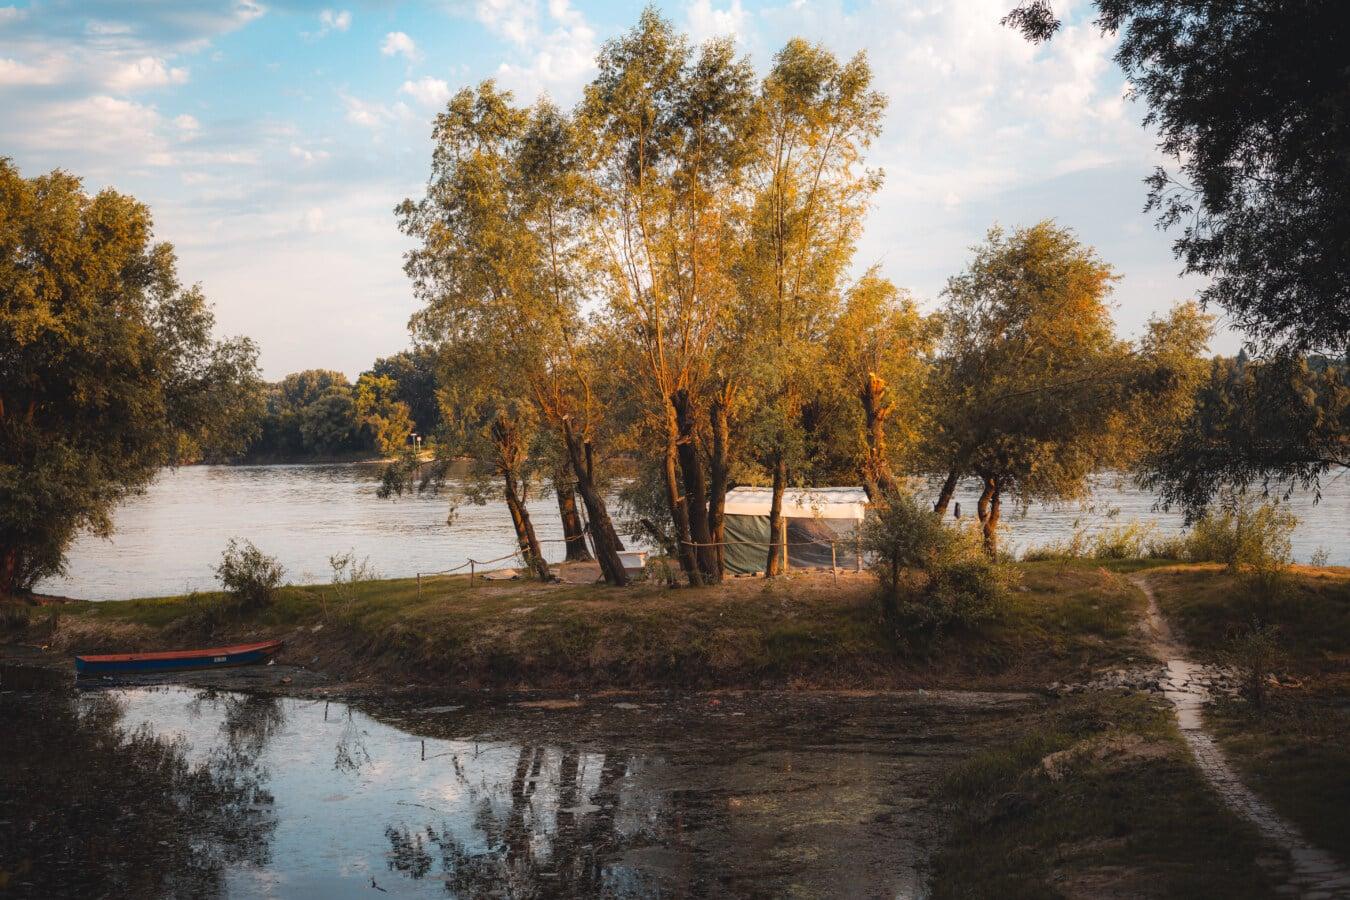 Zelt, Camping, Flussufer, Flussschiff, Fluss, Wildnis, Tierwelt, Wald, Herbst, Landschaft